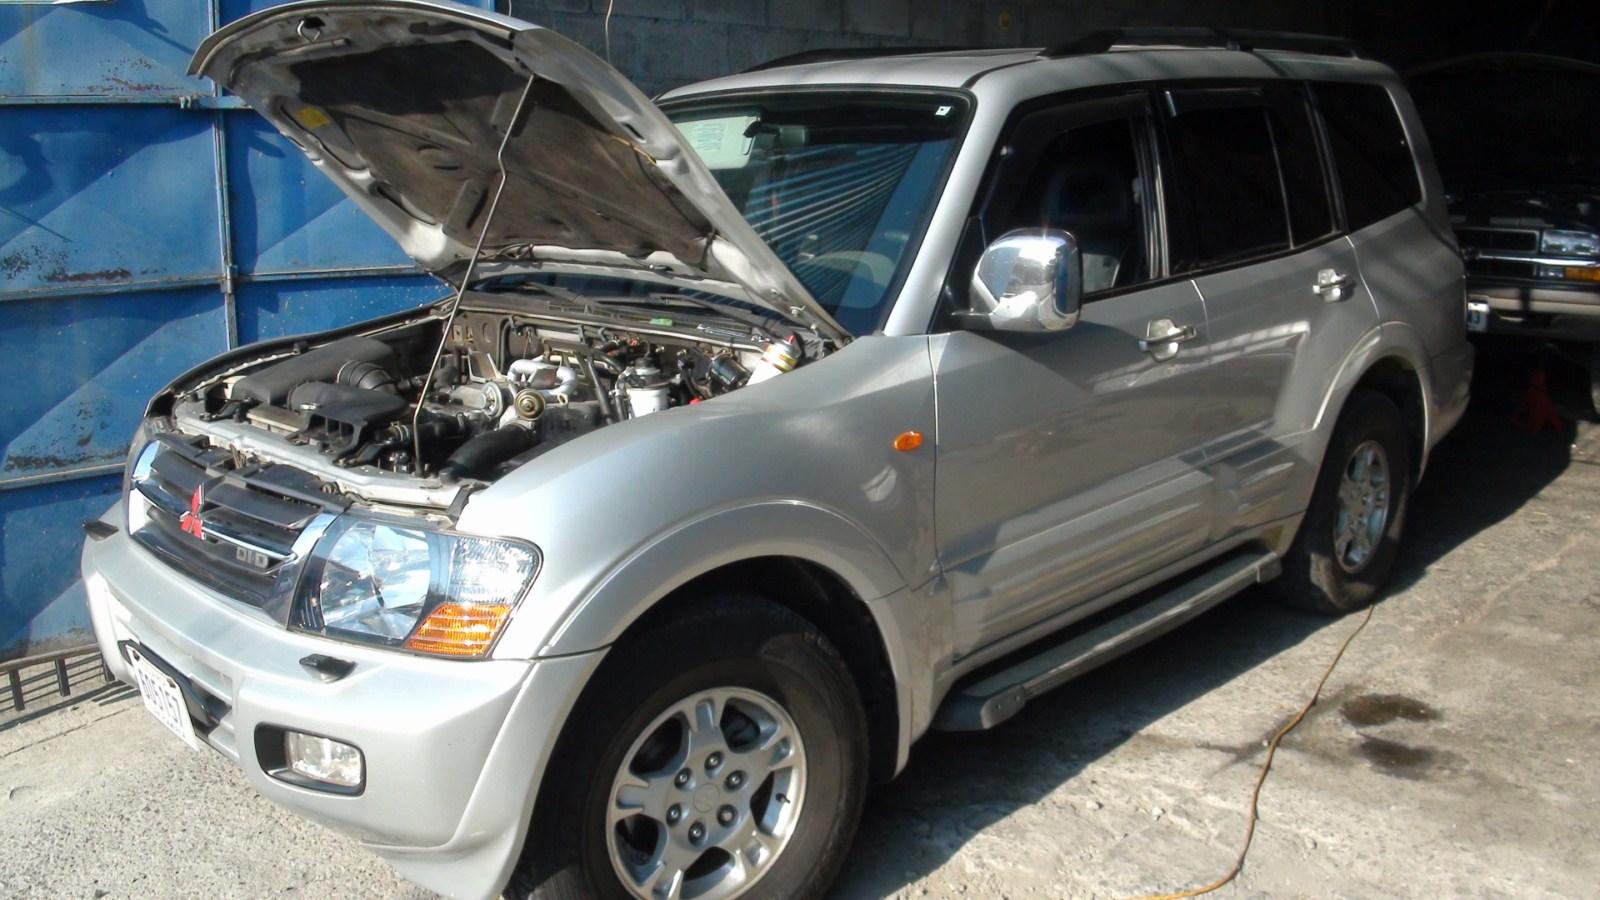 Se Al De Actuador En Bomba Diesel De Un Motor Mitsubishi 4m